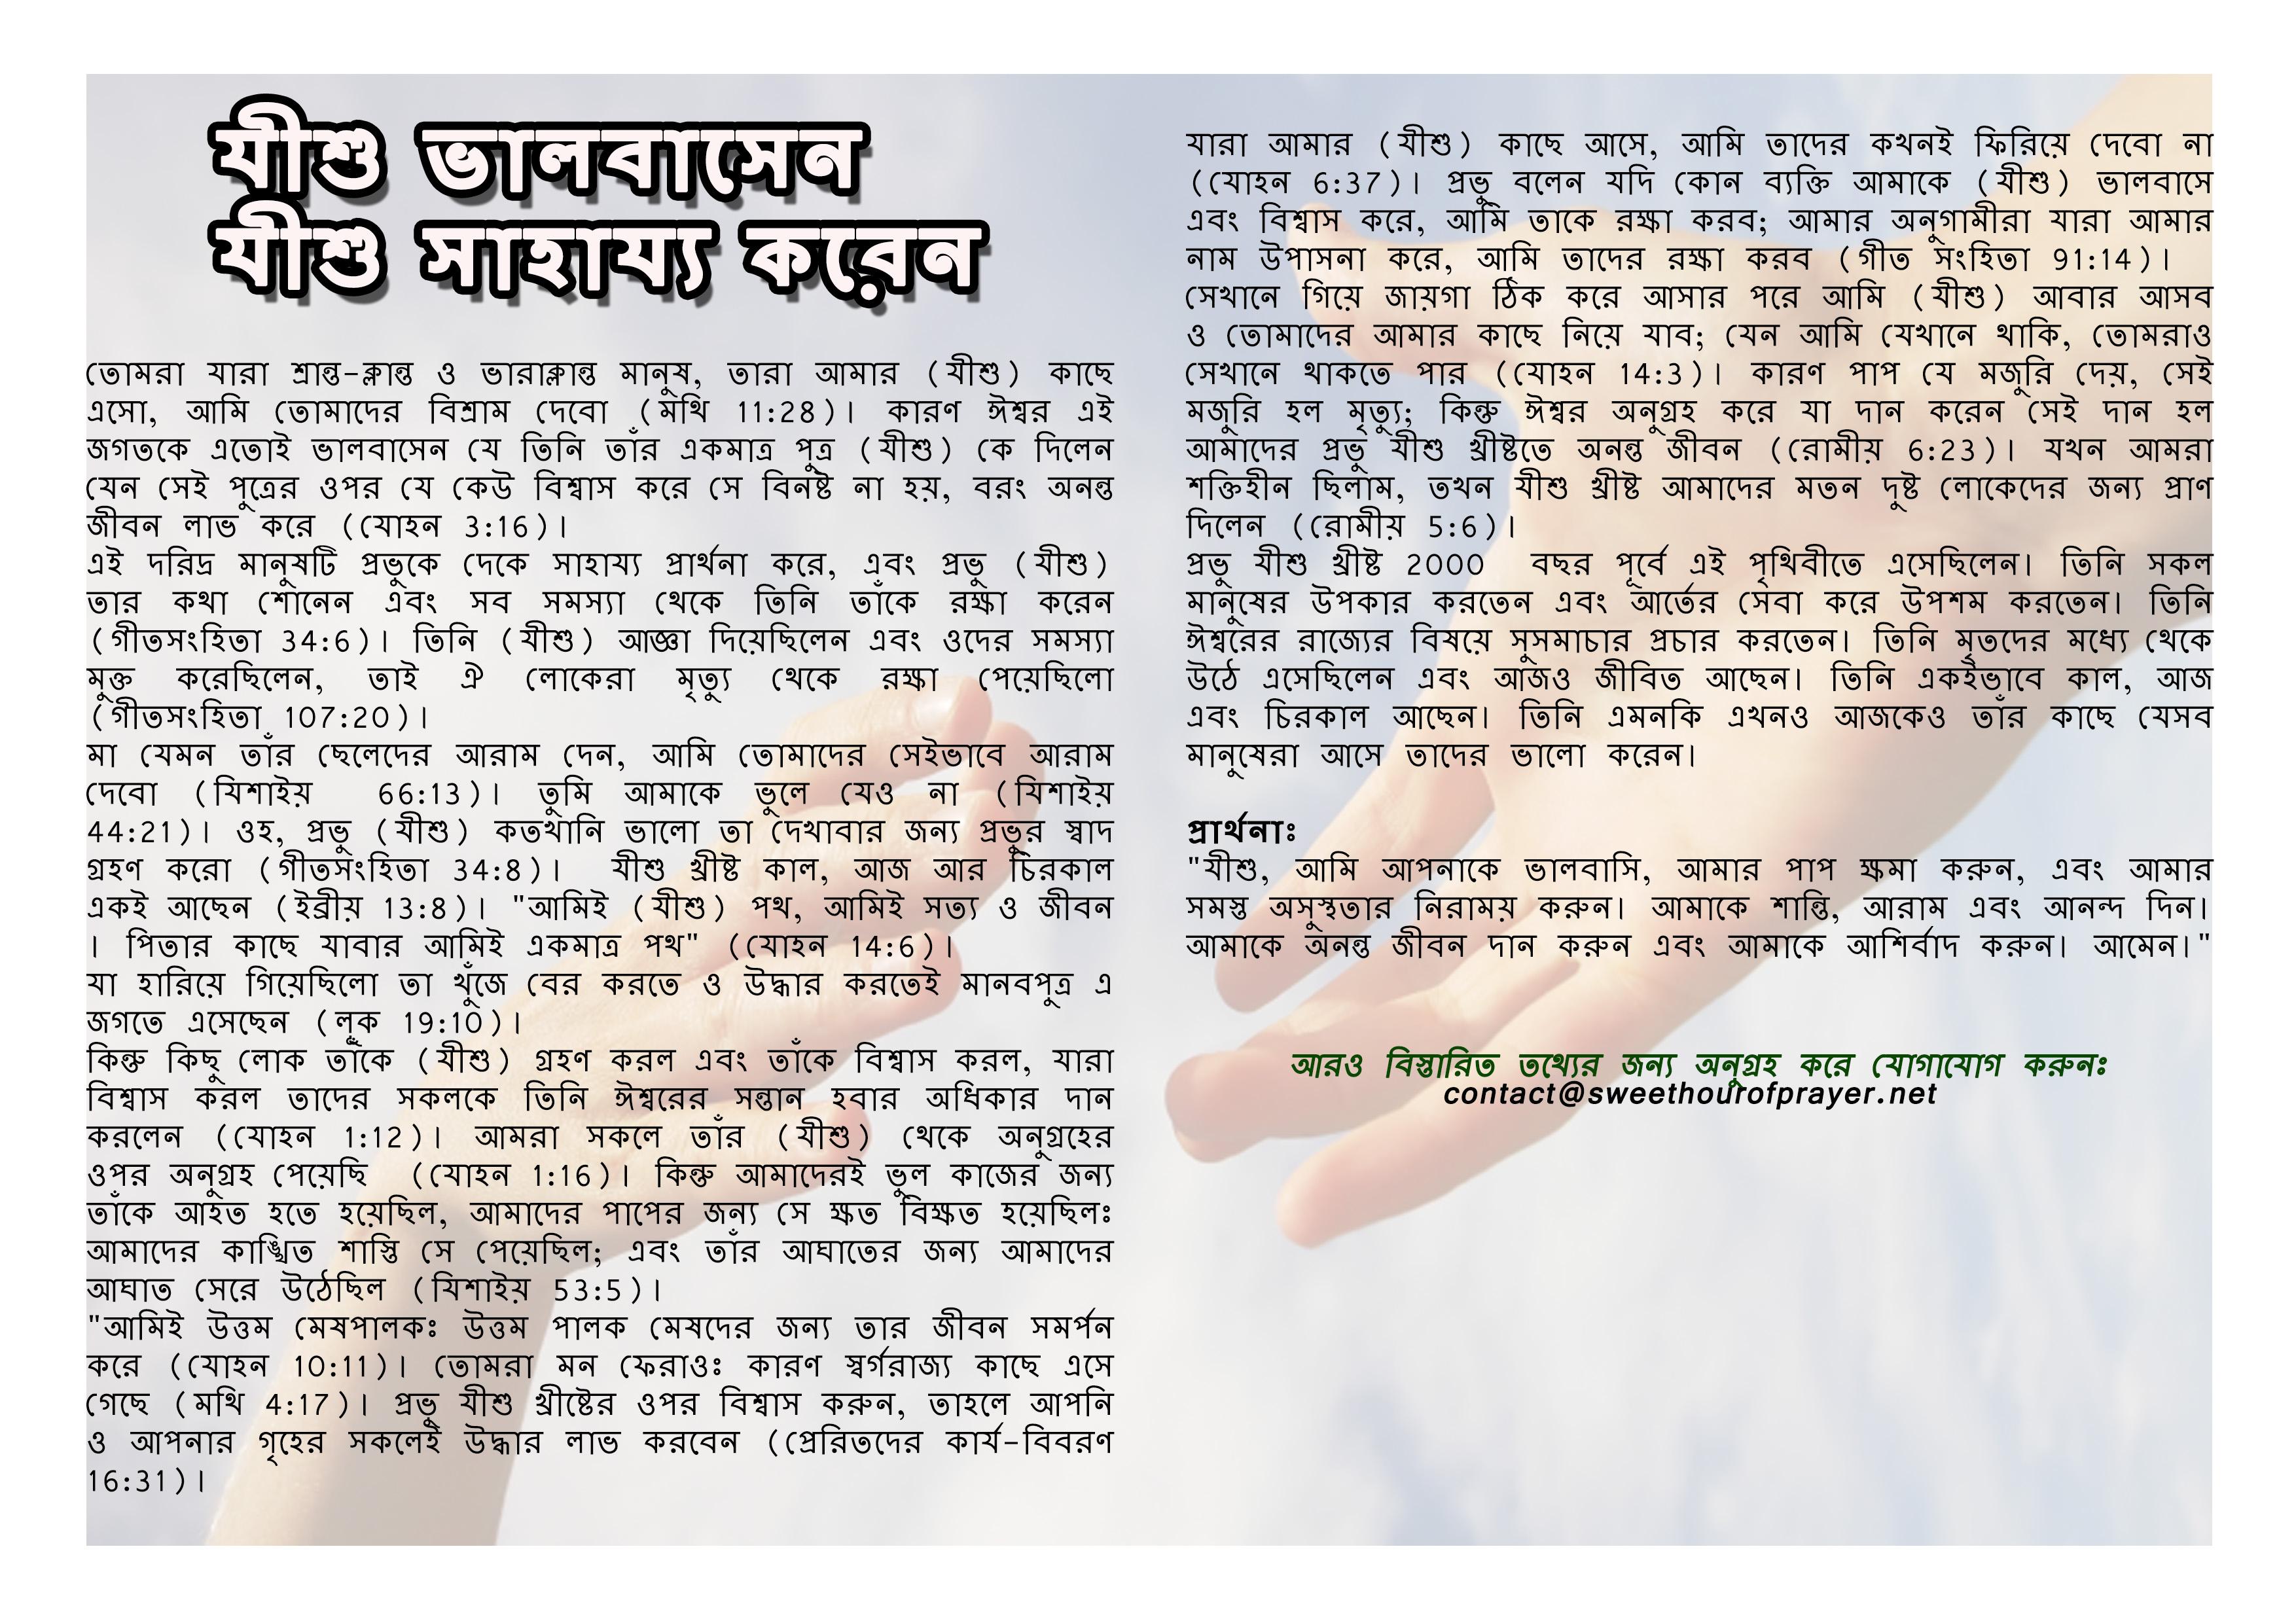 JesuslovesJesushelps bengali